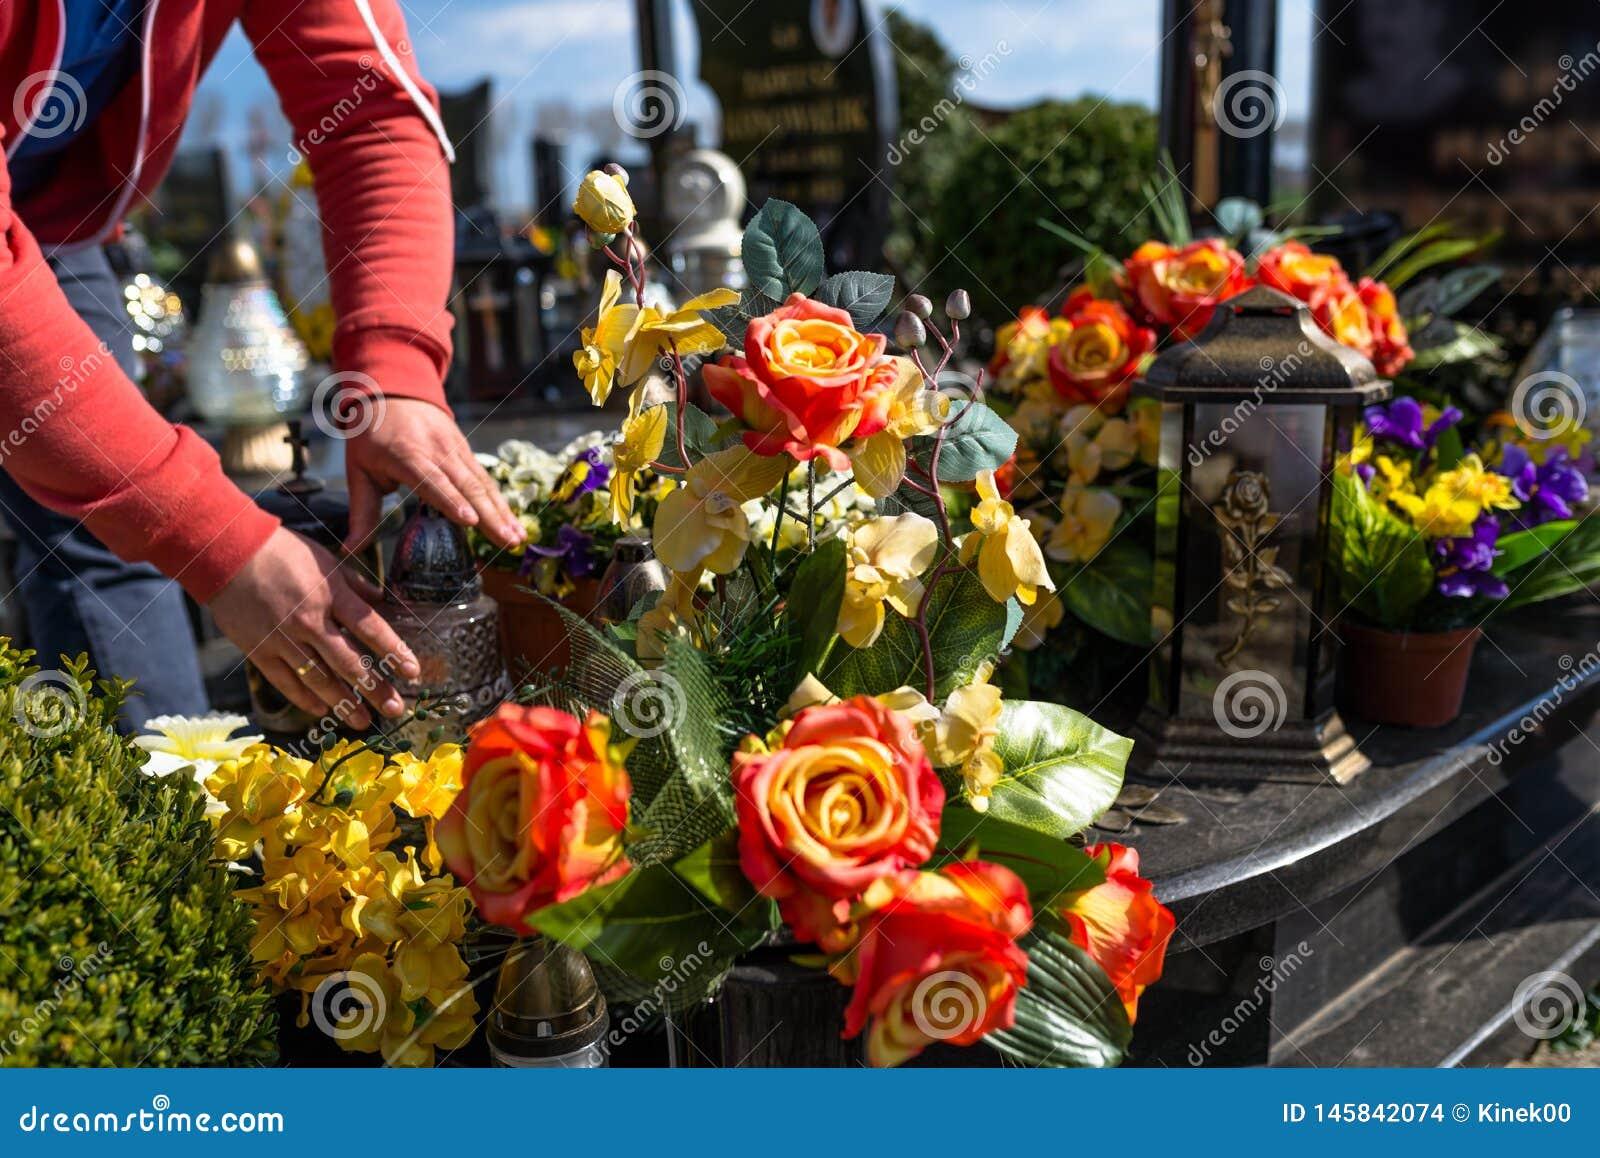 Искусственные цветки и подсвечники лежат на надгробной плите в кладбище, видимых руках человека